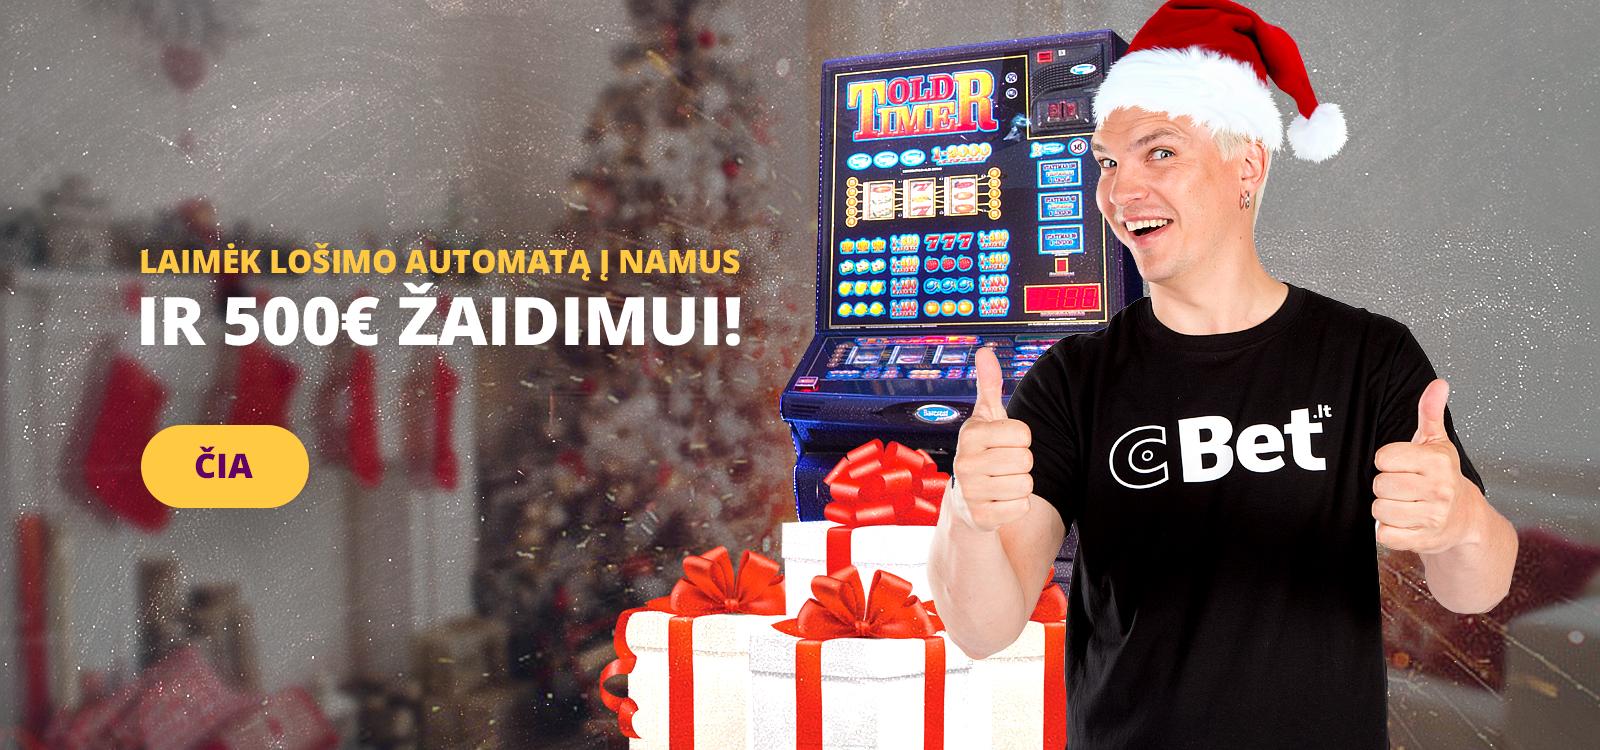 18-11-19-kaledine-kampanija-1600x750-v3